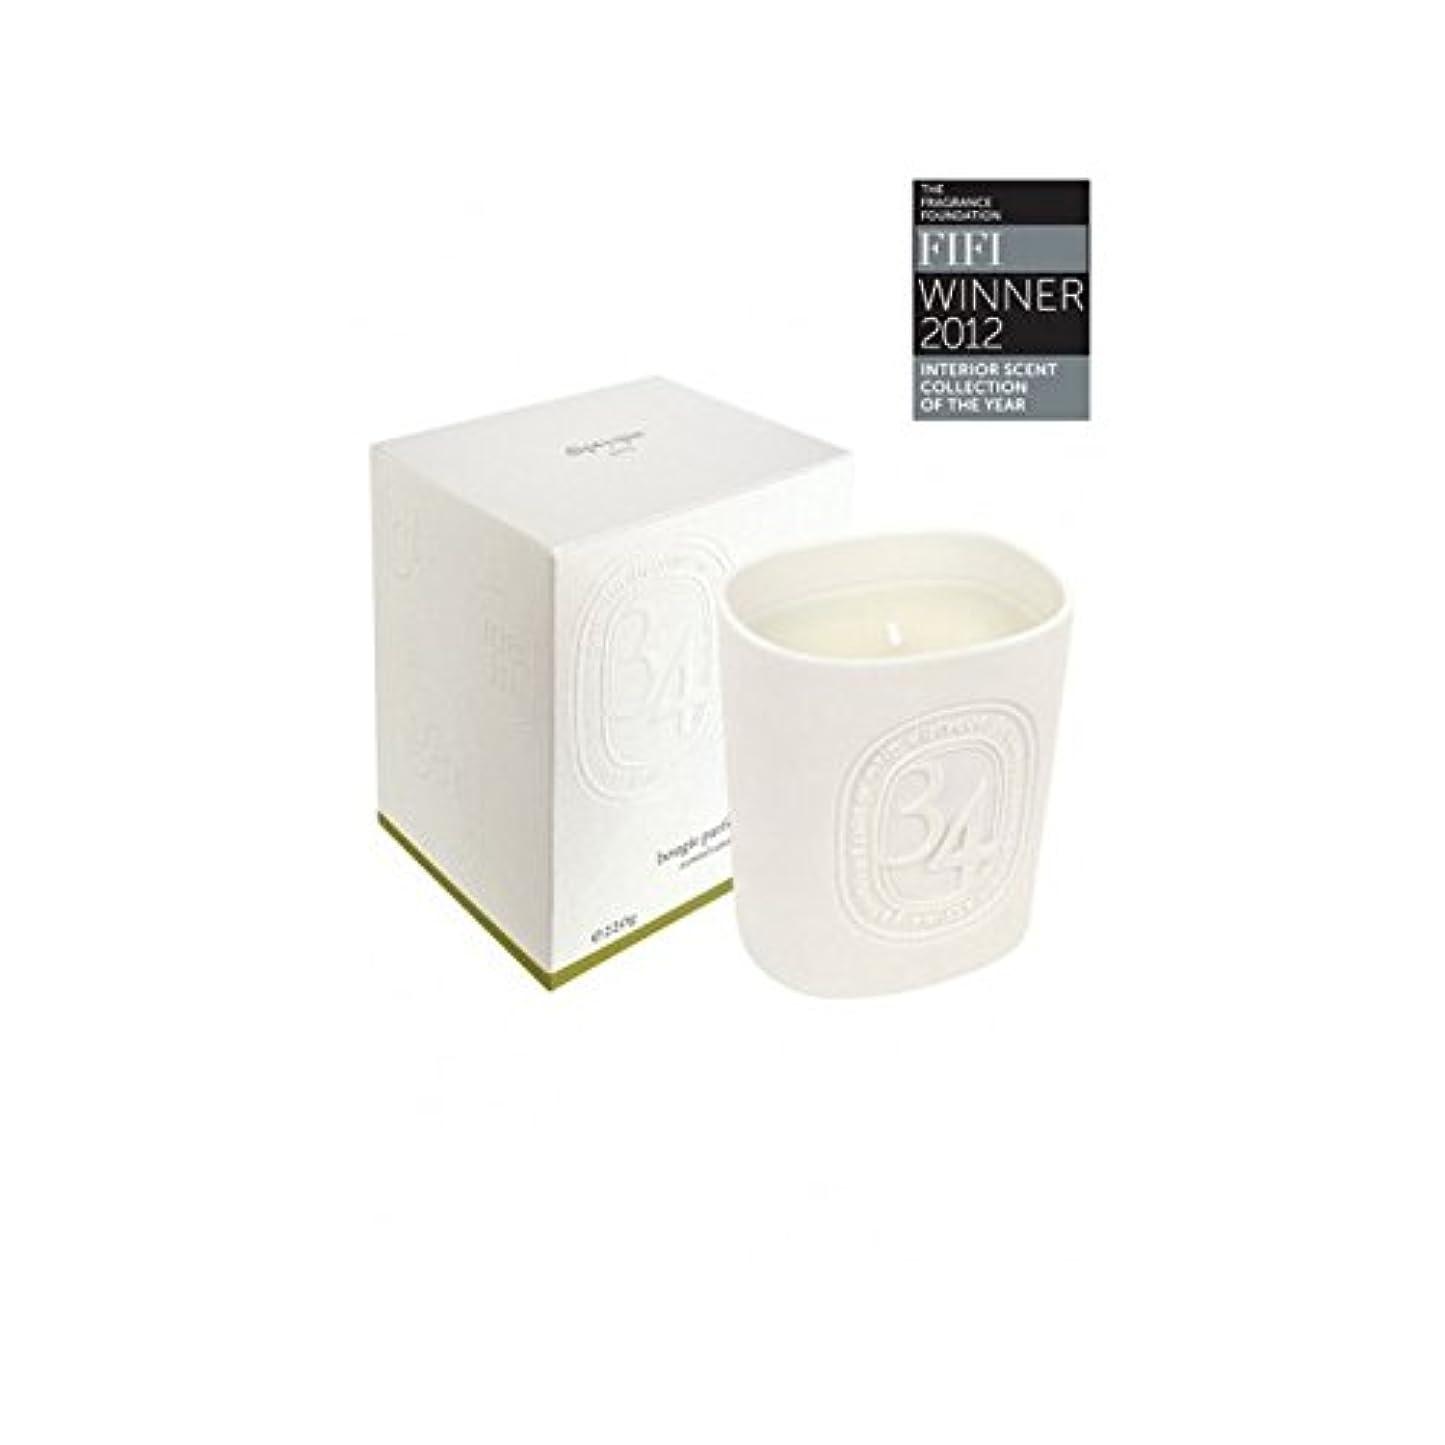 ベースアクセシブル議題Diptyque Collection 34 Boulevard Saint Germain Candle 220g (Pack of 2) - Diptyqueコレクション34大通りサンジェルマンキャンドル220グラム...